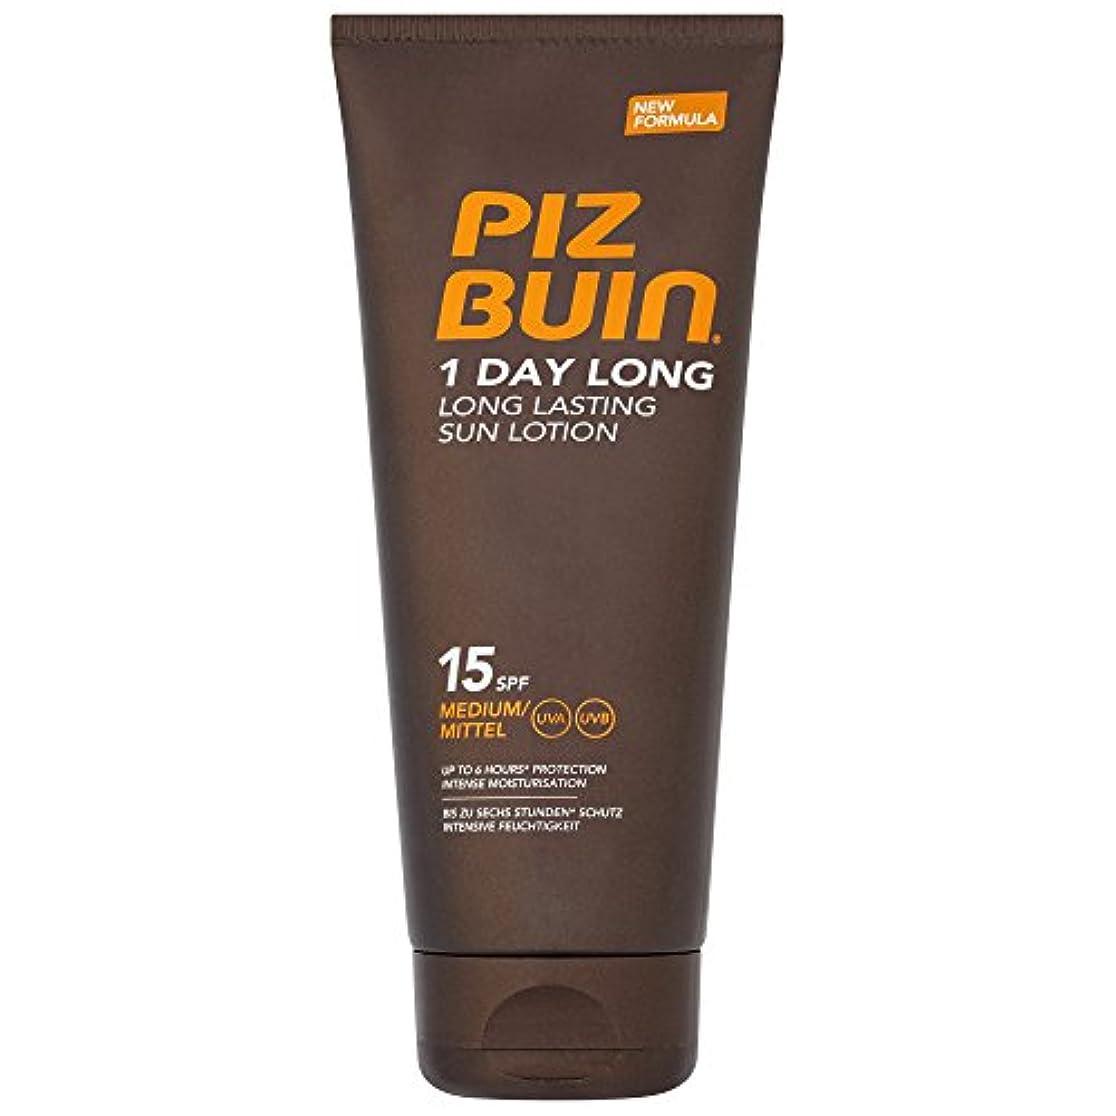 媒染剤独占恐ろしいピッツブーインの1日長い15の日焼けローション200 x2 - Piz Buin 1 Day Long SPF15 Sun Lotion 200ml (Pack of 2) [並行輸入品]